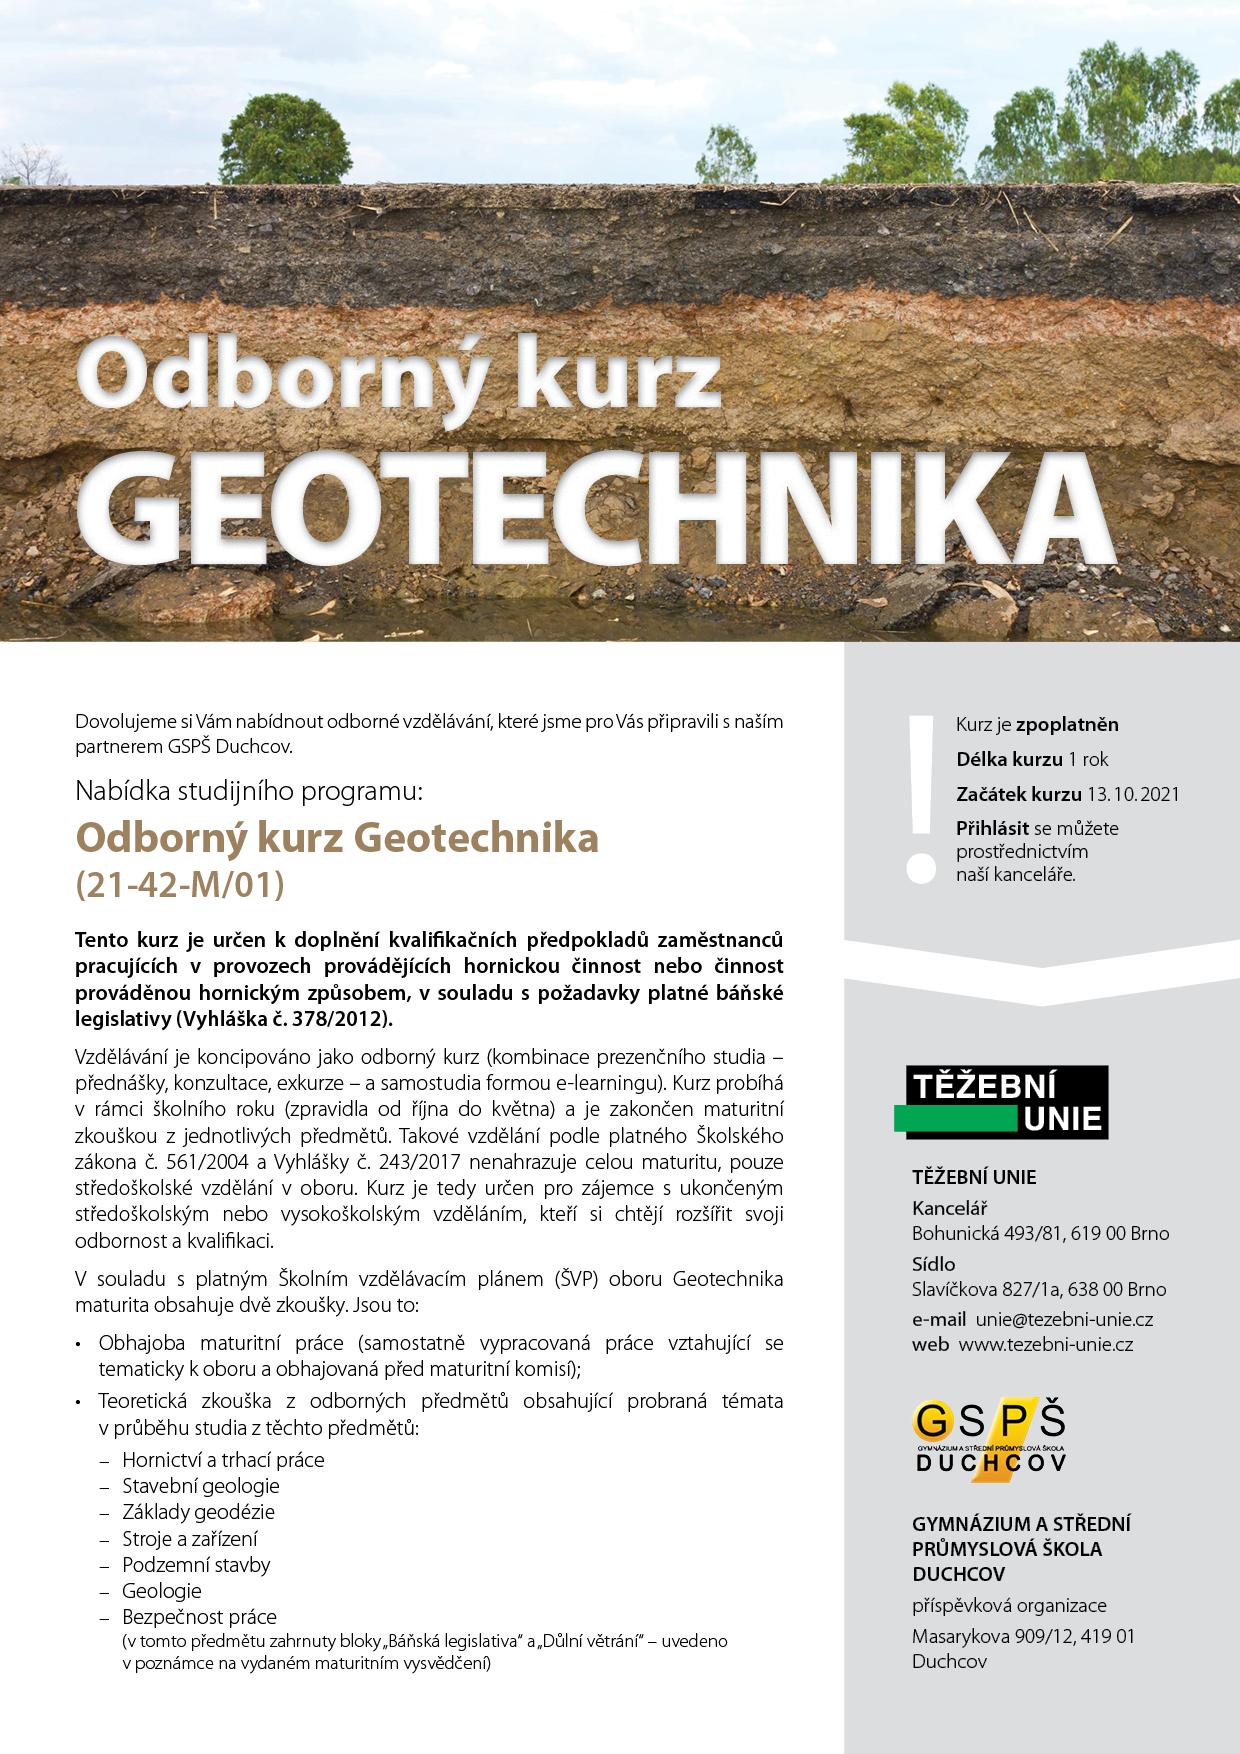 Geotechnika-kurz-2021